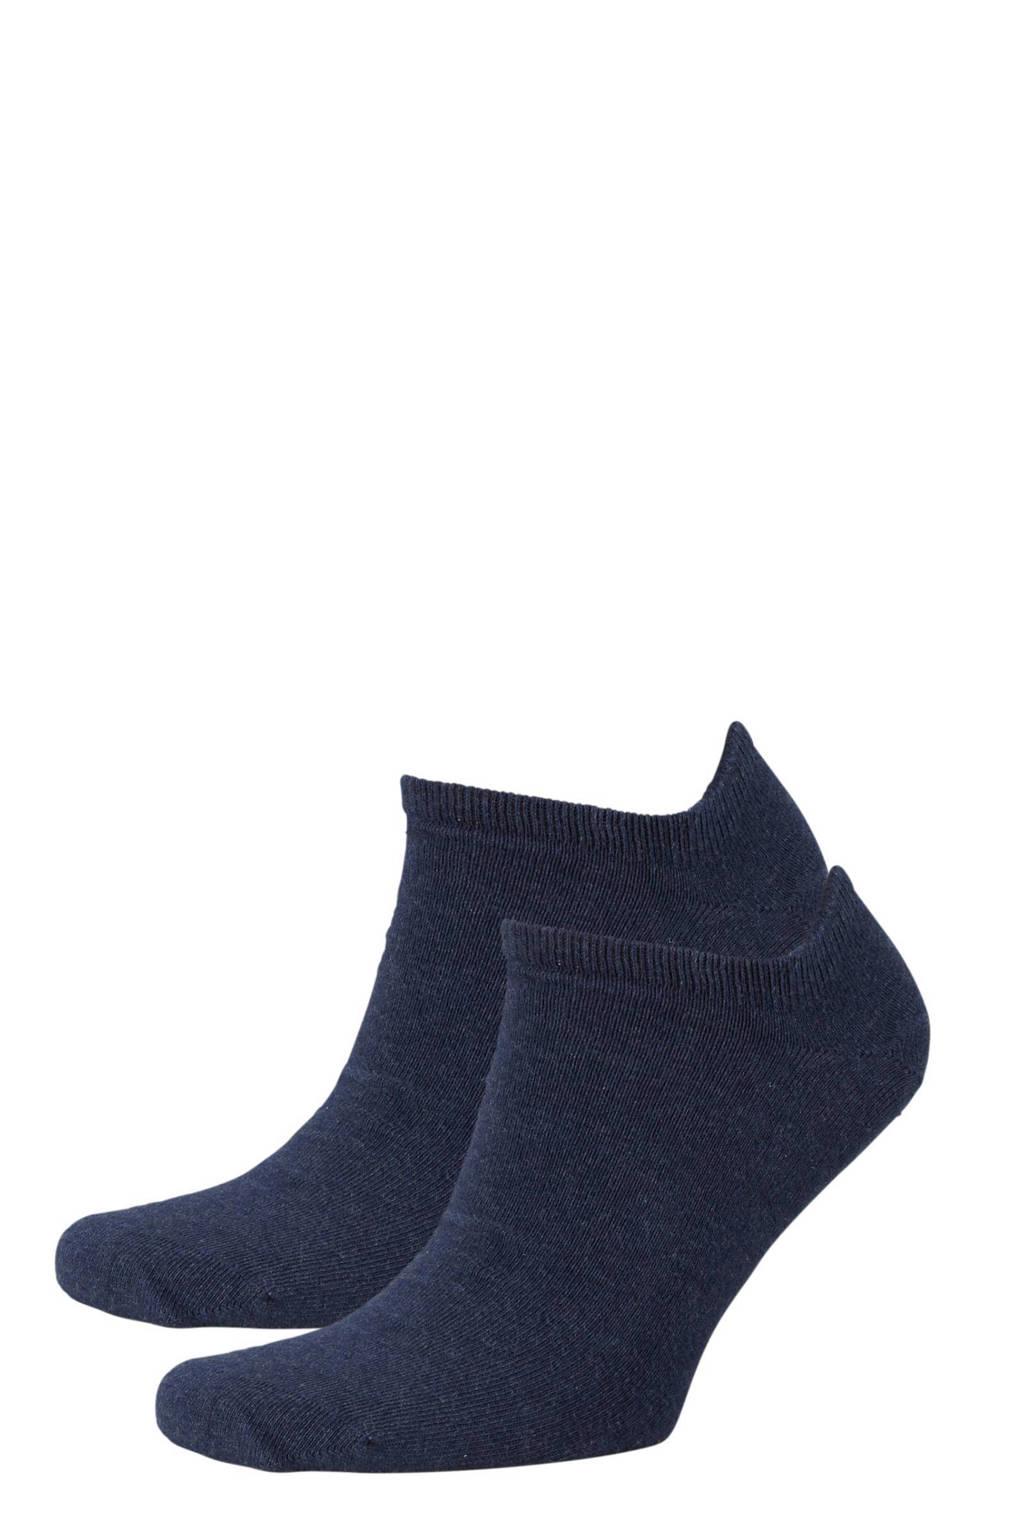 Tommy Hilfiger sneakersokken (2 paar), jeans blue